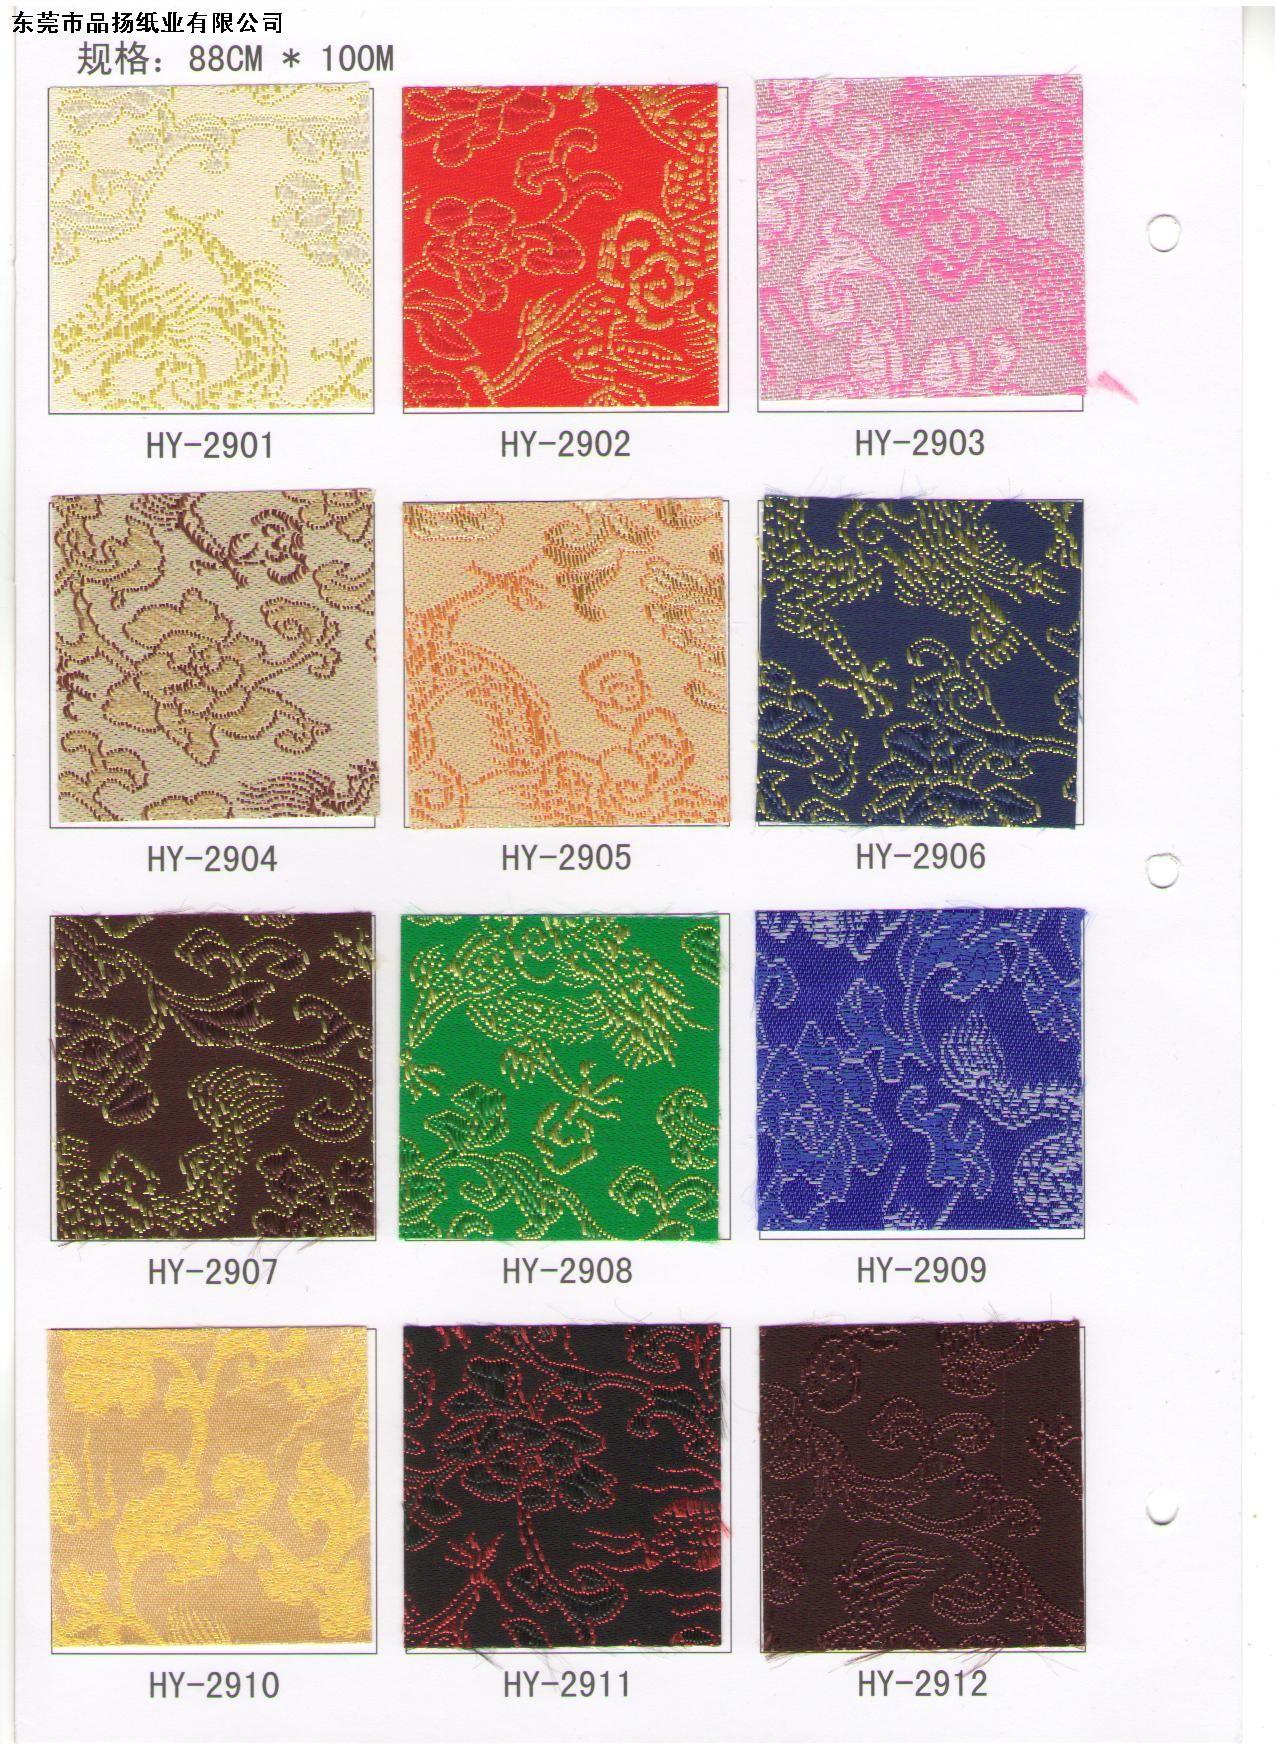 环保充皮纸批发,零售,经典装帧布批发,零售,国产充皮纸,高级艺术花纹